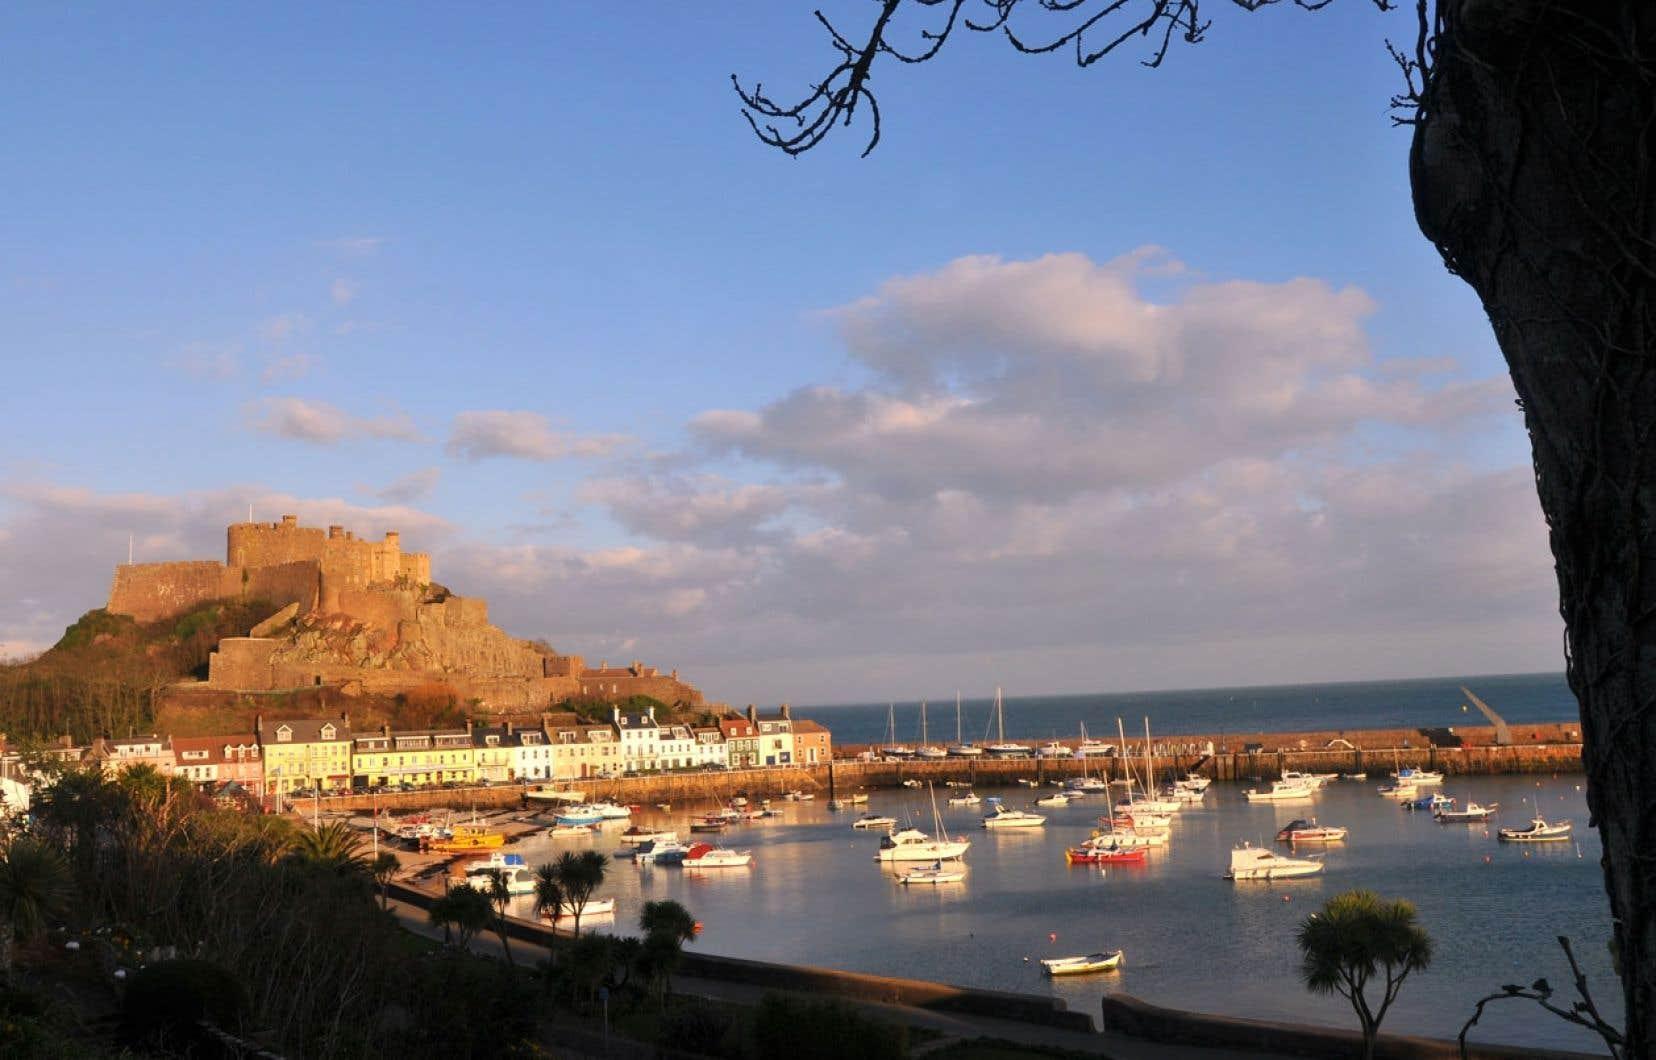 Le château de mont Orgueil, sur l'île de Jersey. L'île anglo-normande, située entre l'Angleterre et la France, à une vingtaine de kilomètres des côtes françaises, est réputée être un lieu favorable pour l'évasion fiscale.